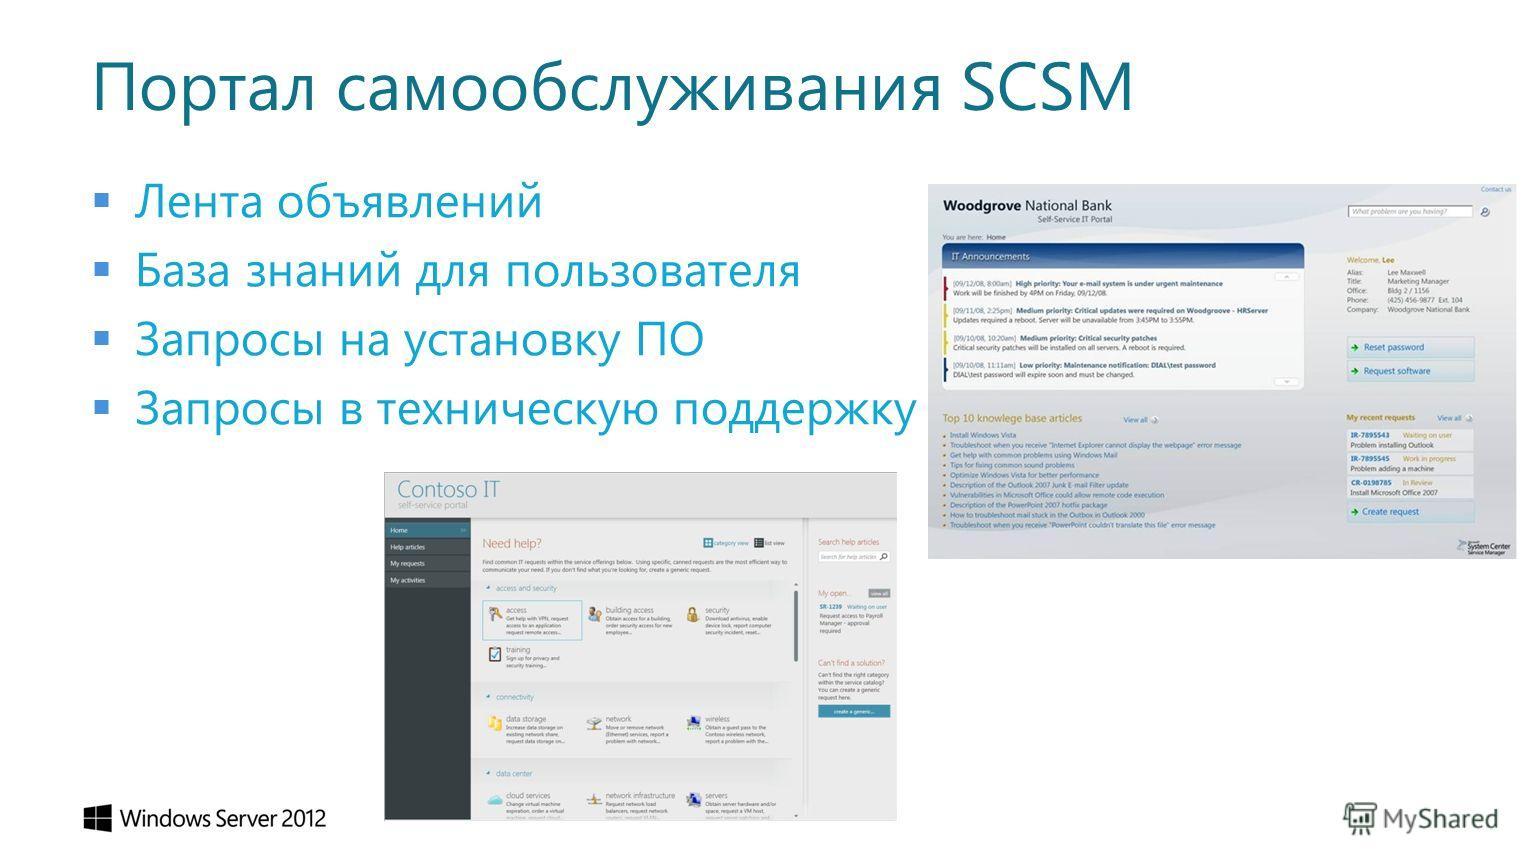 Портал самообслуживания SCSM Лента объявлений База знаний для пользователя Запросы на установку ПО Запросы в техническую поддержку